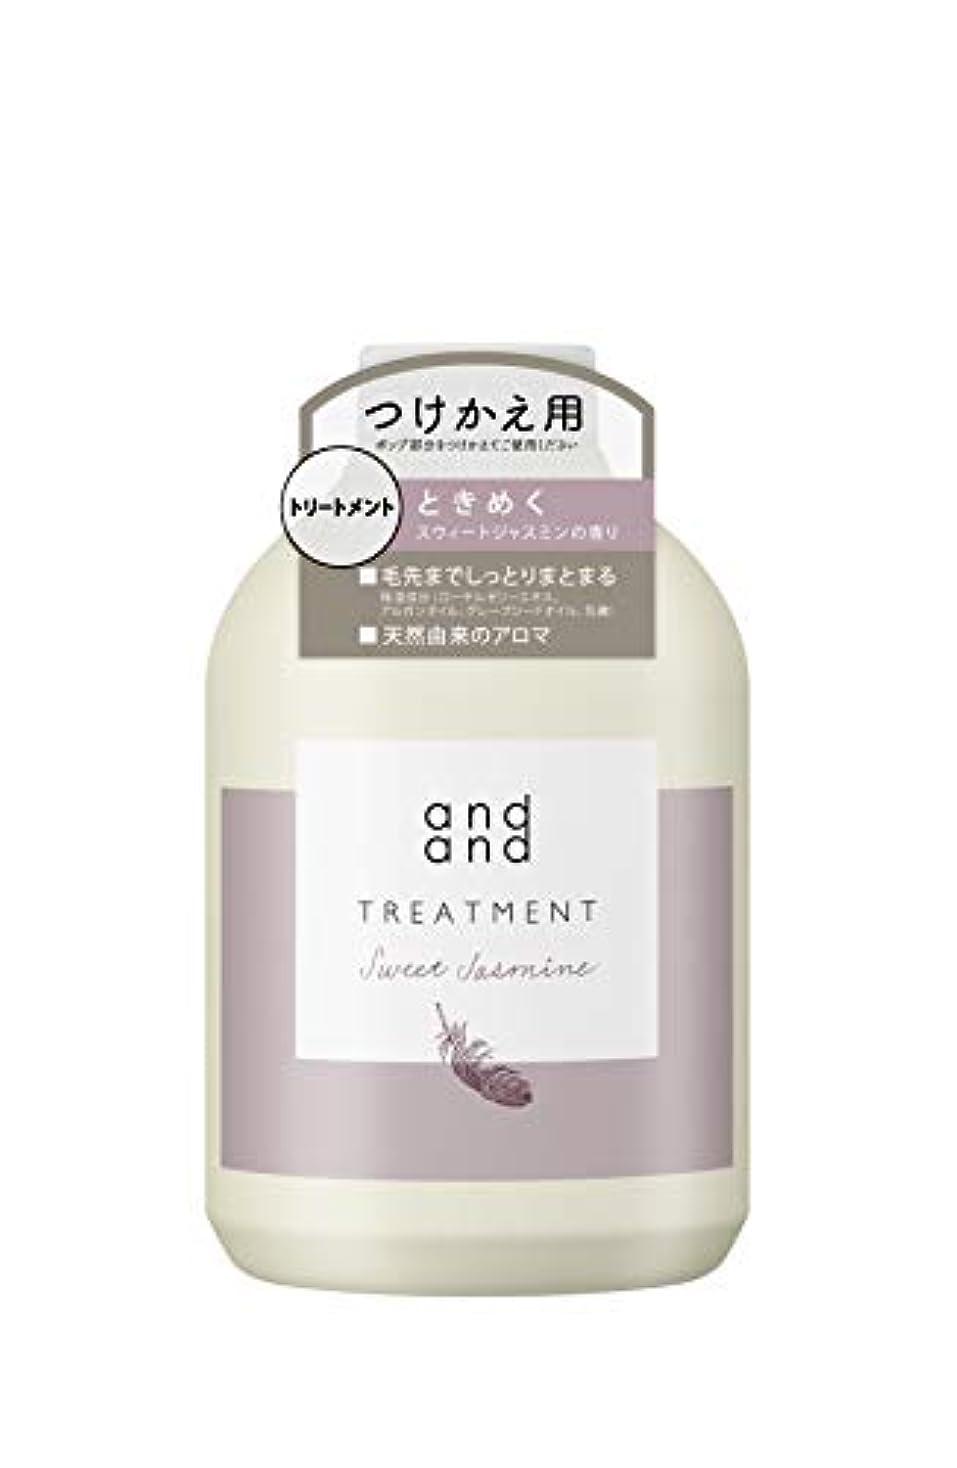 参照する誤解する天のandand(アンドアンド) ときめく[ノンシリコーン処方] トリートメント スウィートジャスミンの香り つけかえ用 480ml